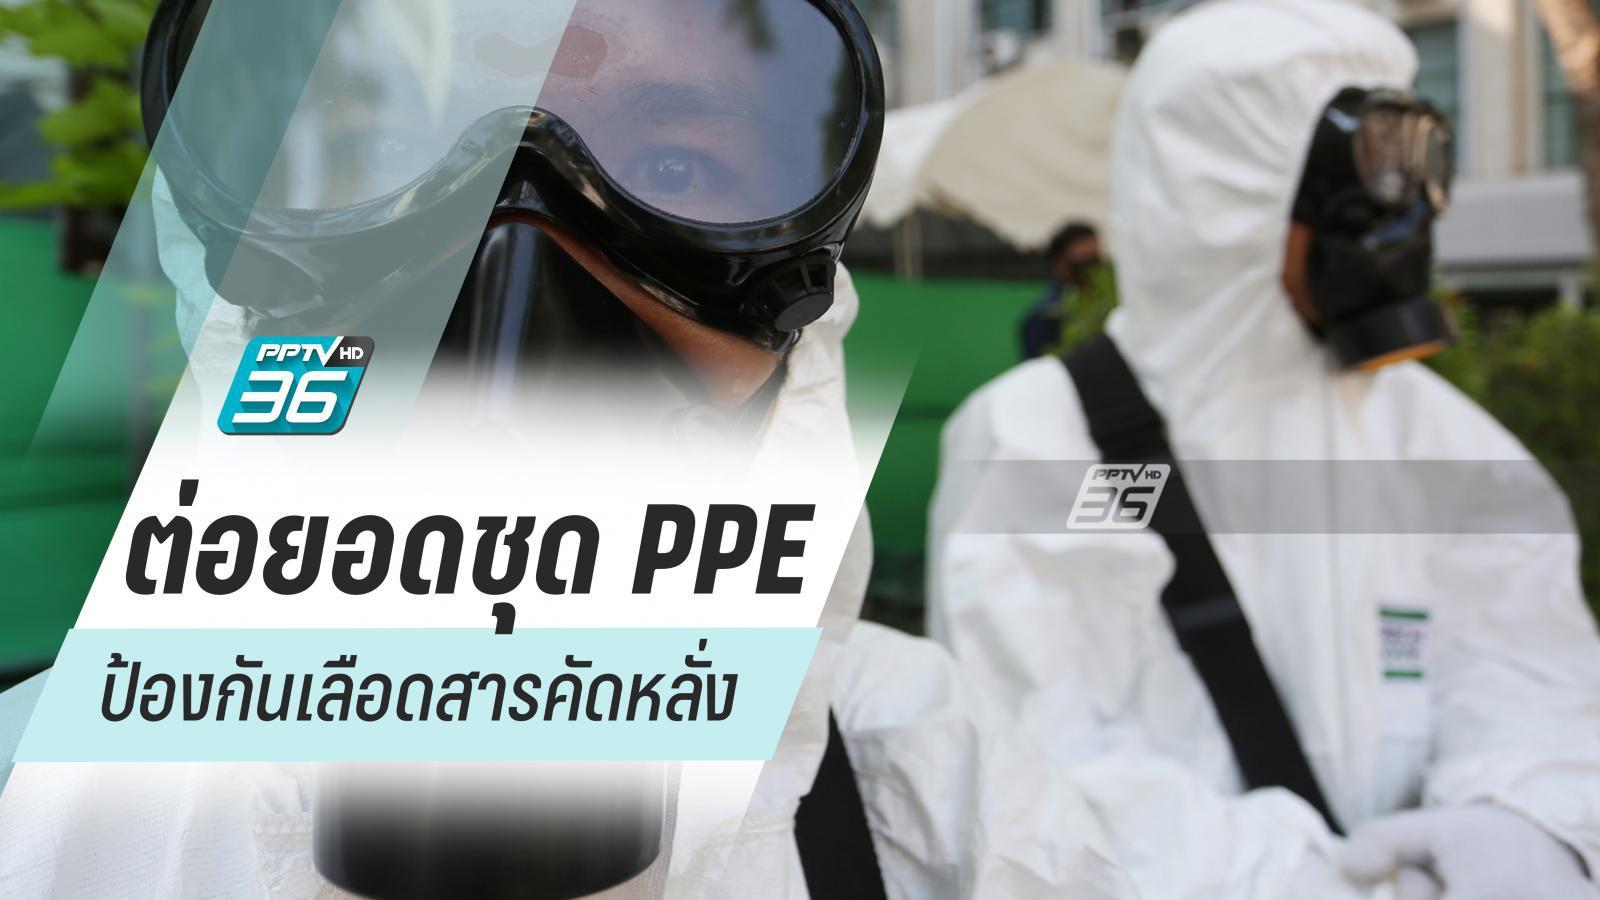 ทีมแพทย์วชิรพยาบาลต่อยอดนวัตกรรมชุด PPE ป้องกันเลือดและสารคัดหลั่งสำเร็จ สู้ COVID–19